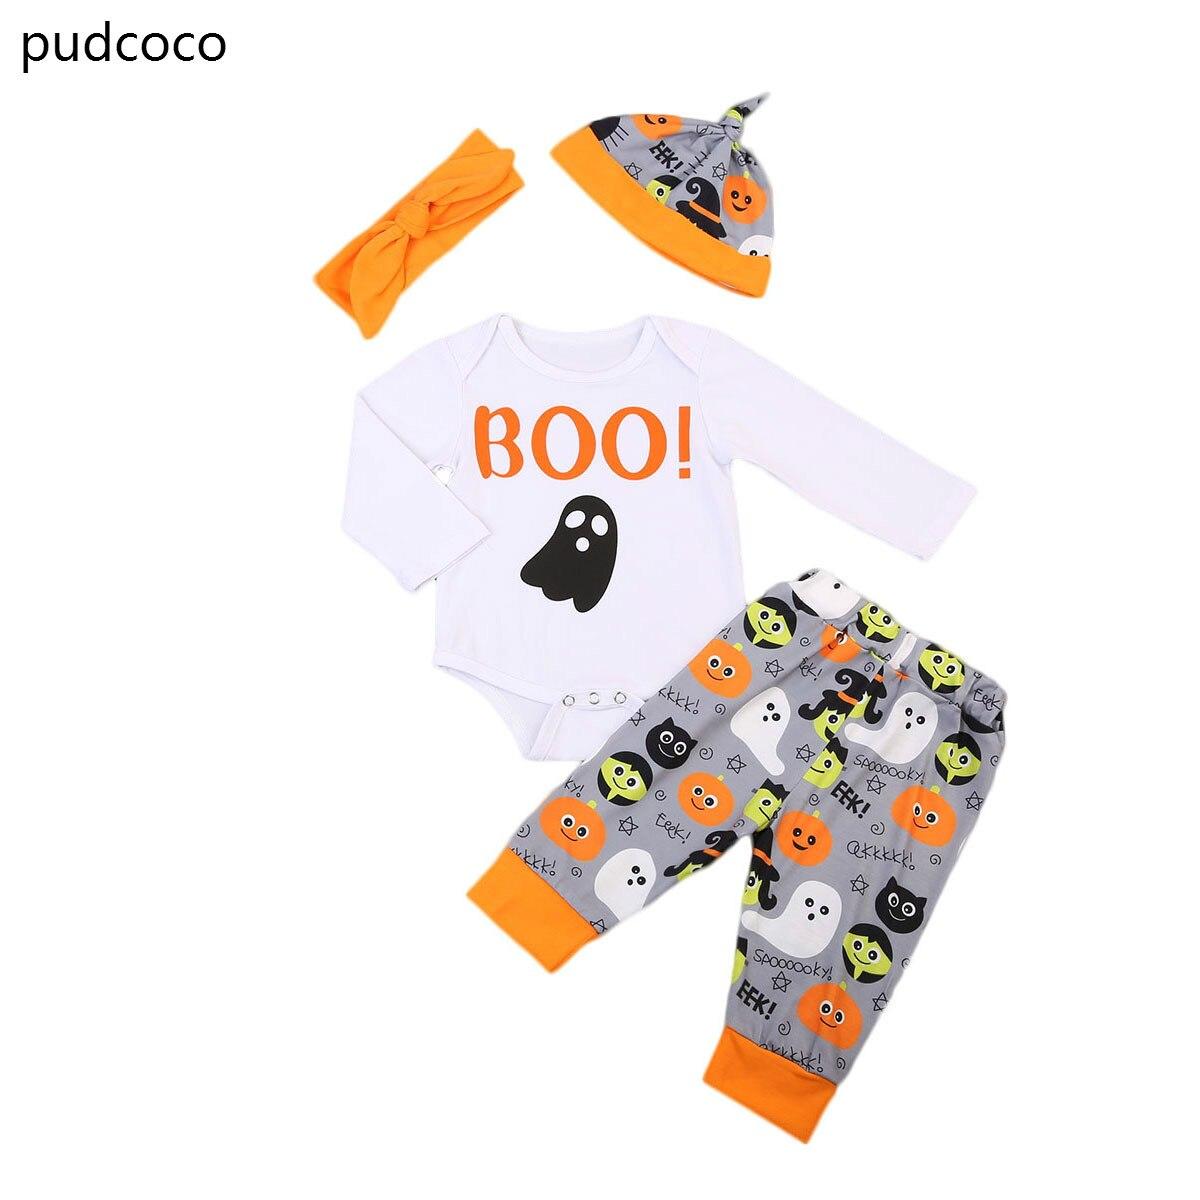 Boo Halloween Del Bambino Scherza I Vestiti Set Ragazze Dei Neonati Manica Lunga Pagliaccetti Stampa Pantaloni Fascia Cappelli Abiti Bambini Che Coprono Impostato